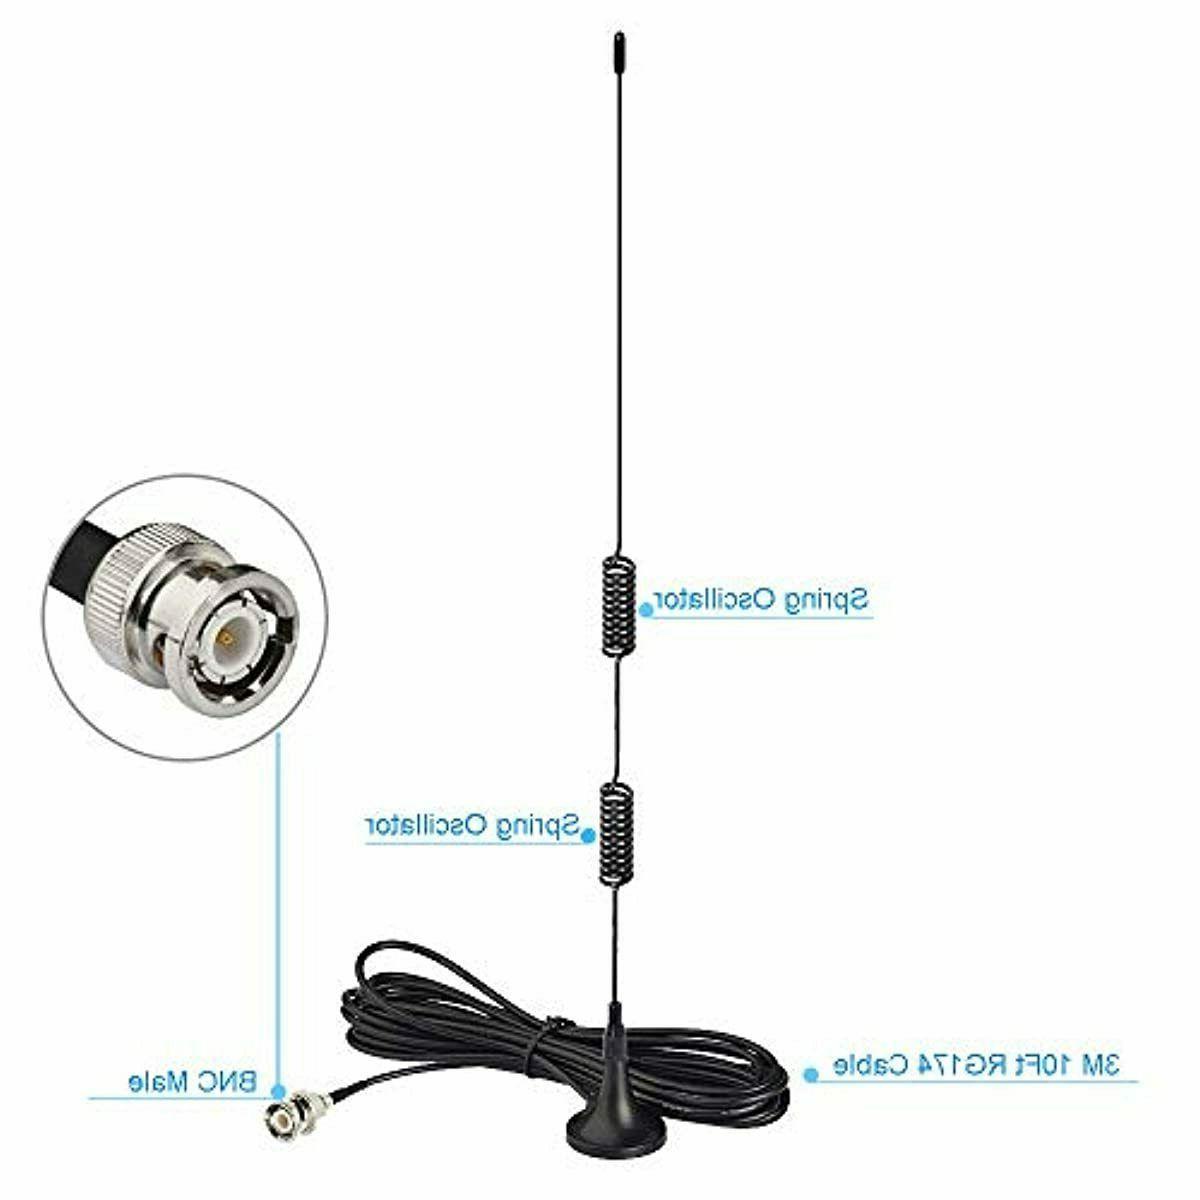 Bingfu Vhf Uhf Ham Radio Police Scanner Antenn